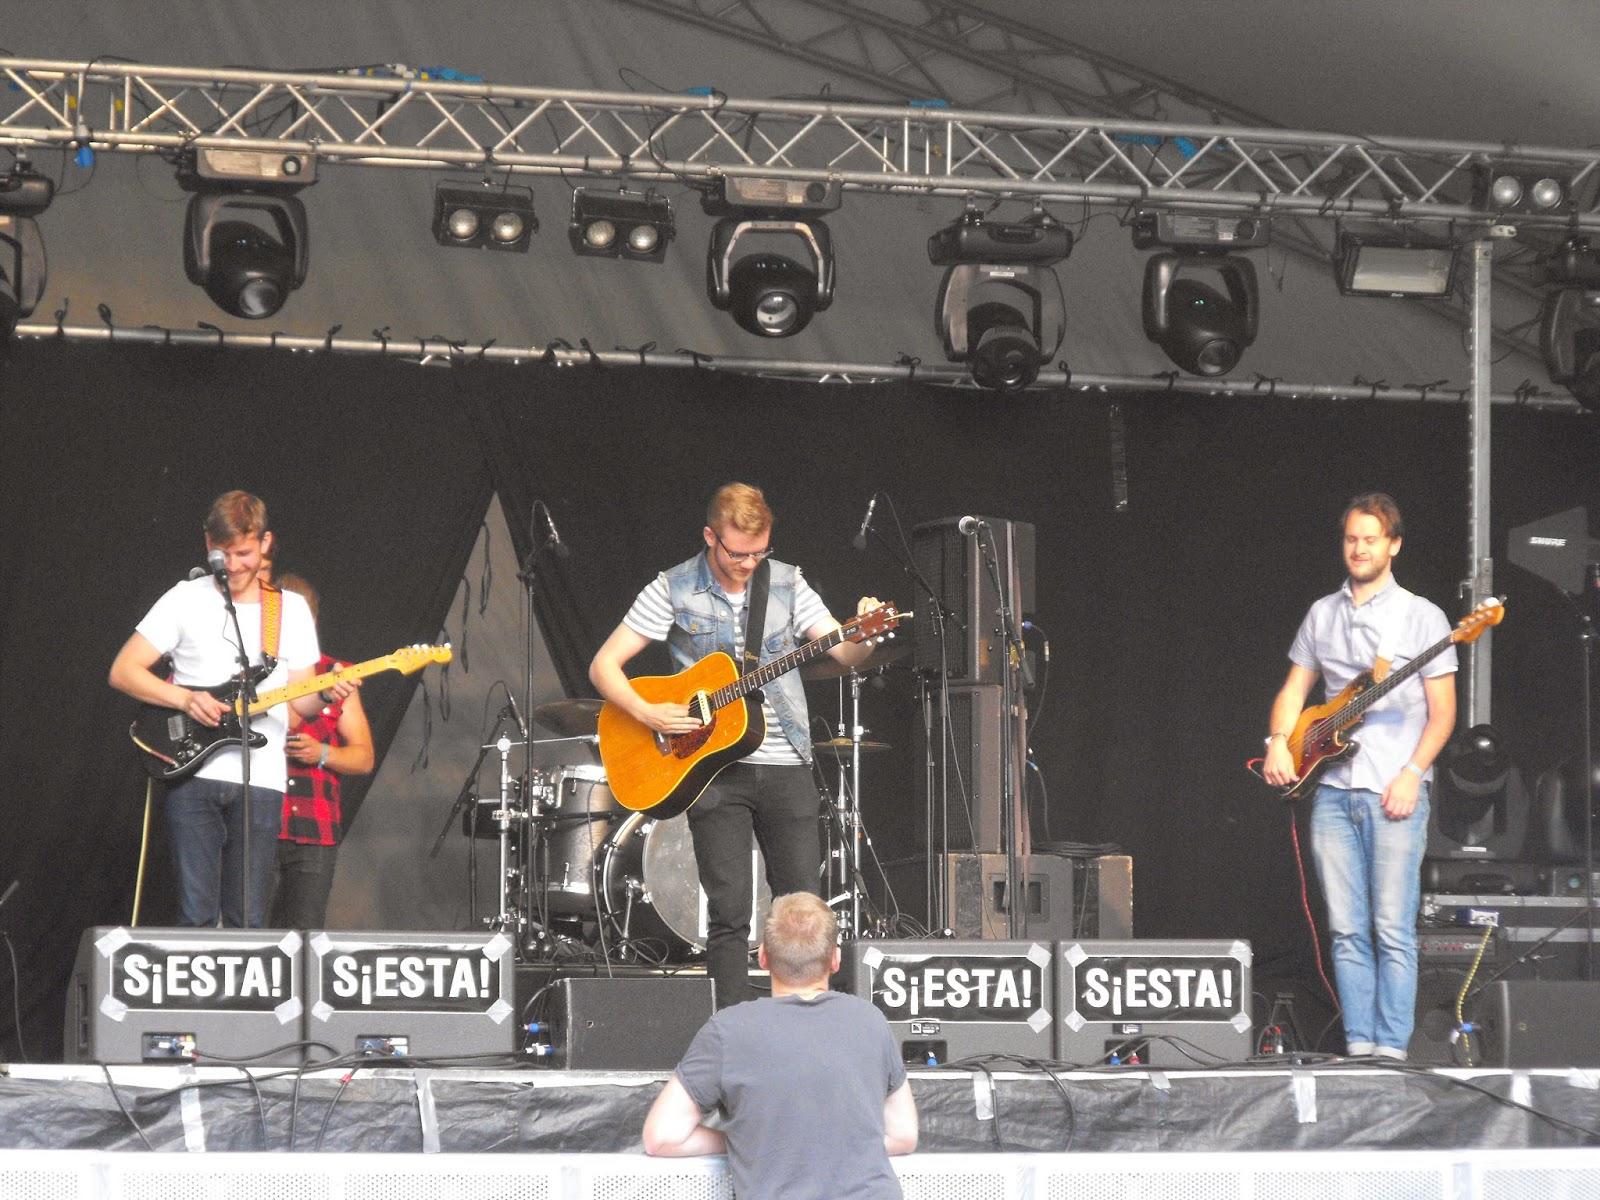 siestafestivalen, Siestafestivalen 2014, SiestaHlm, #SiestaHlm, Hässleholm, Sösdala, Barnfamilj, Musik, Glädje i hjärtat, Faråker